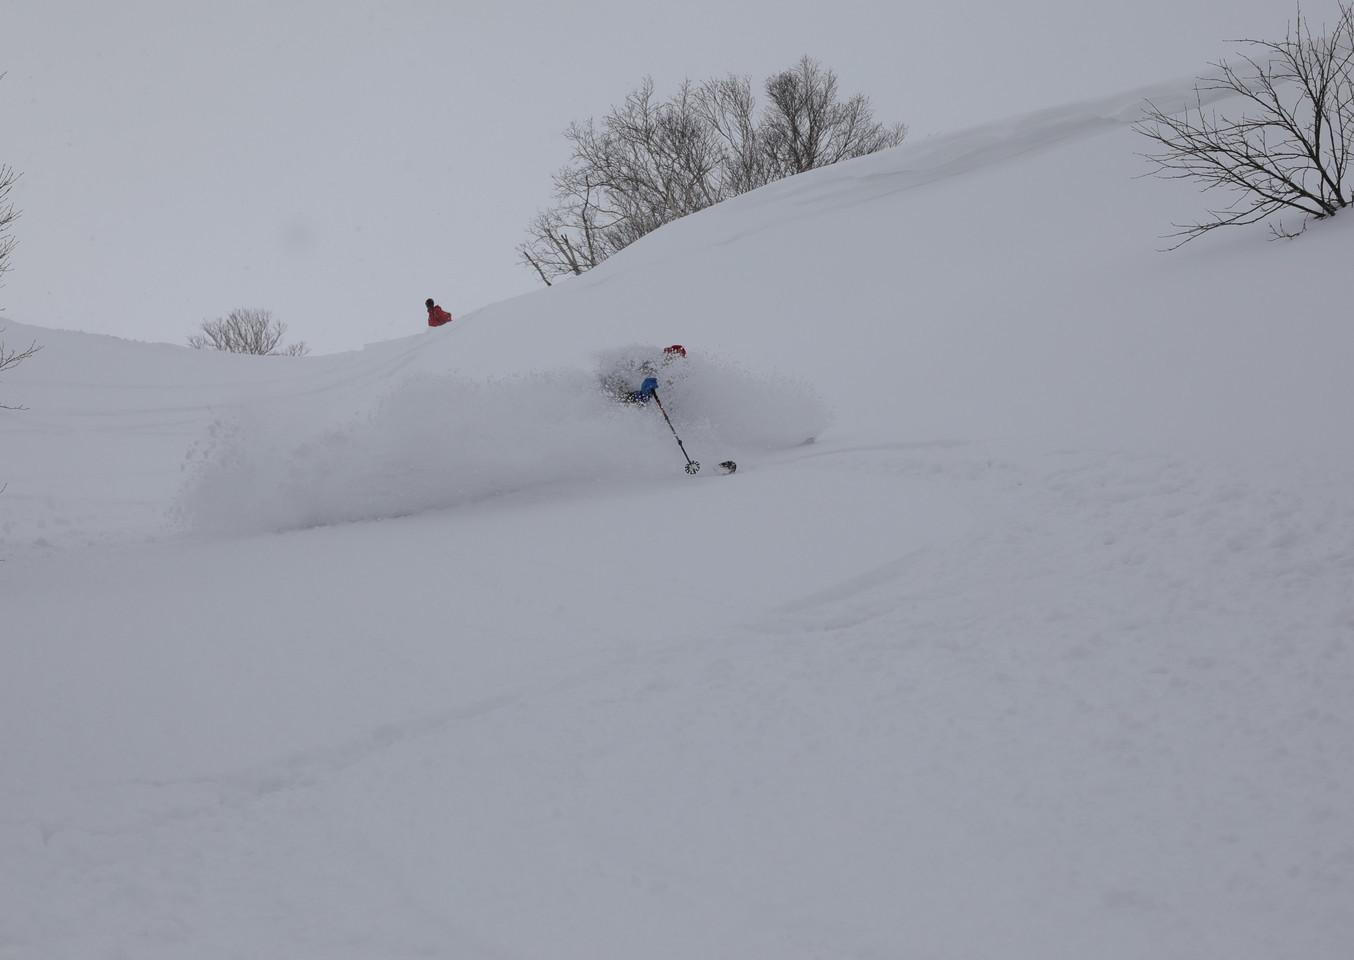 """2021年2月 『利尻山バックカントリースキー』 February 2021 \""""Ski in Island, Mount Rishiri\""""_c0219616_21060580.jpg"""